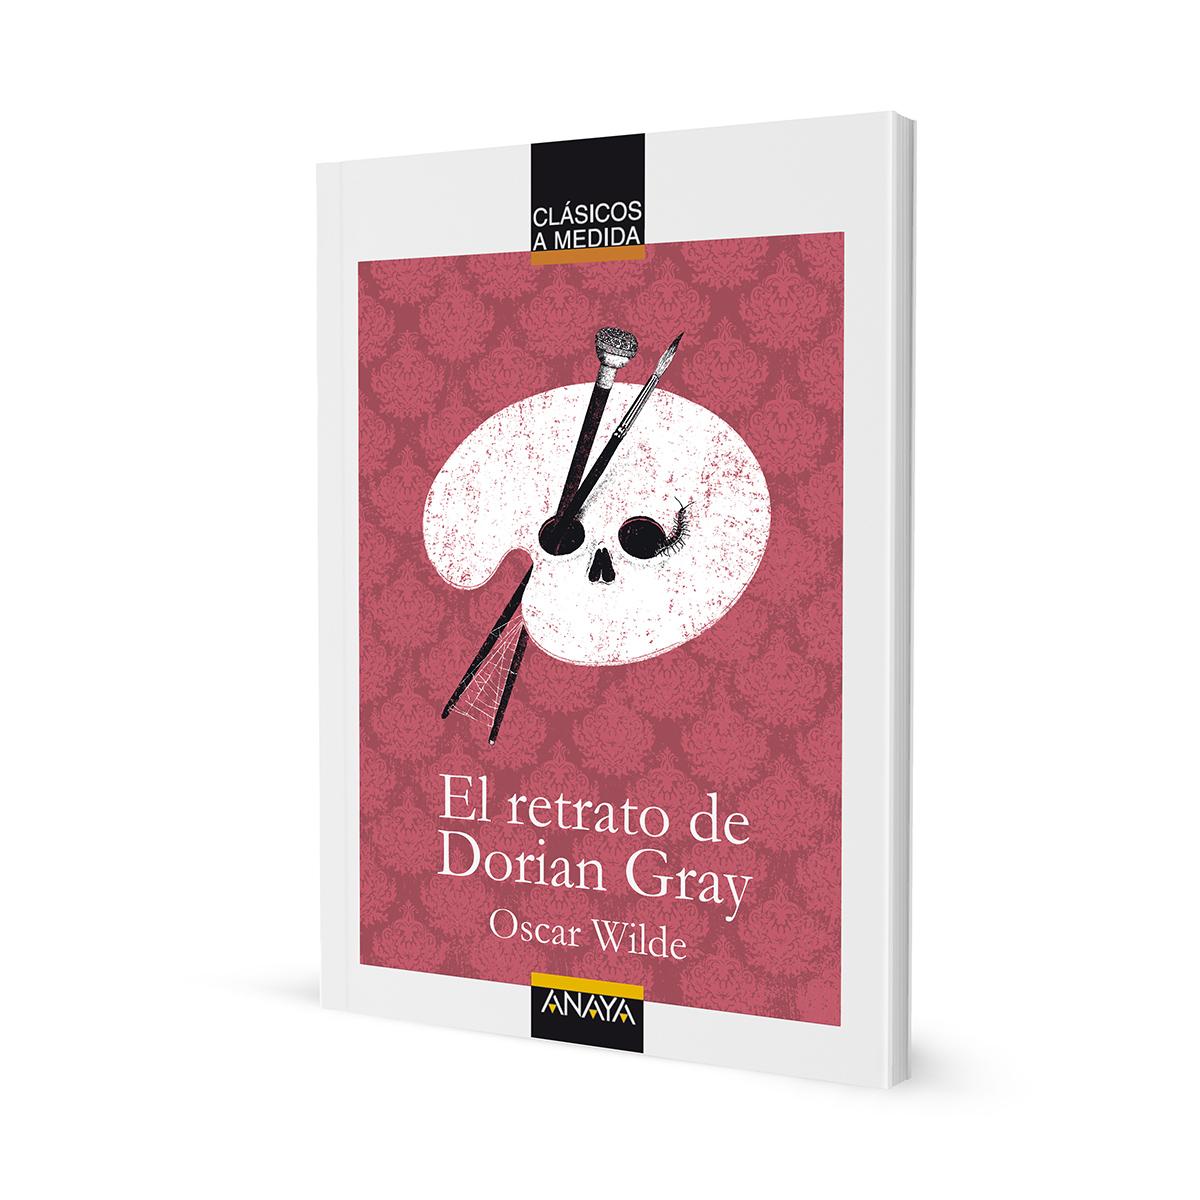 El retrato de Dorian Gray. Portada. Libros ilustrados by Goyo